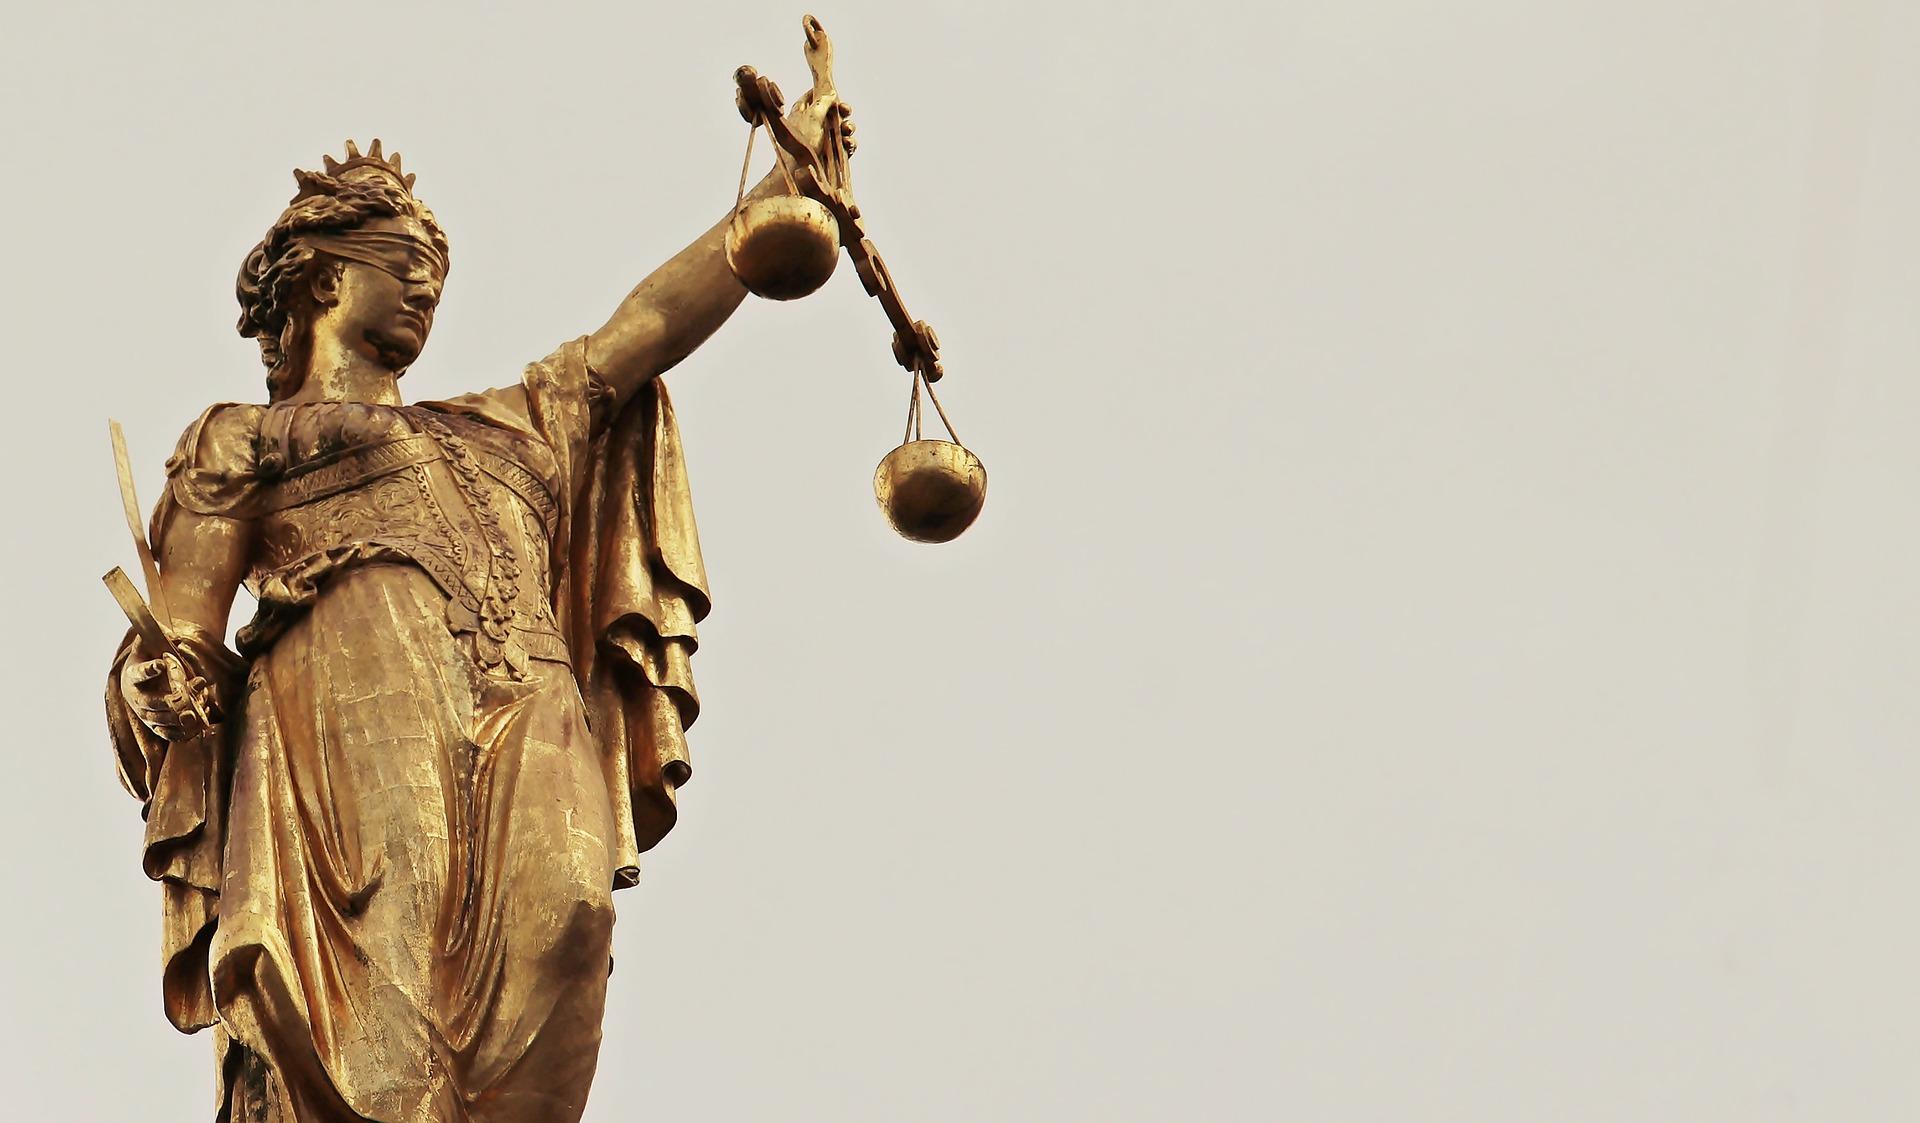 【李念祖觀點】司法的智慧在體現司法的價值